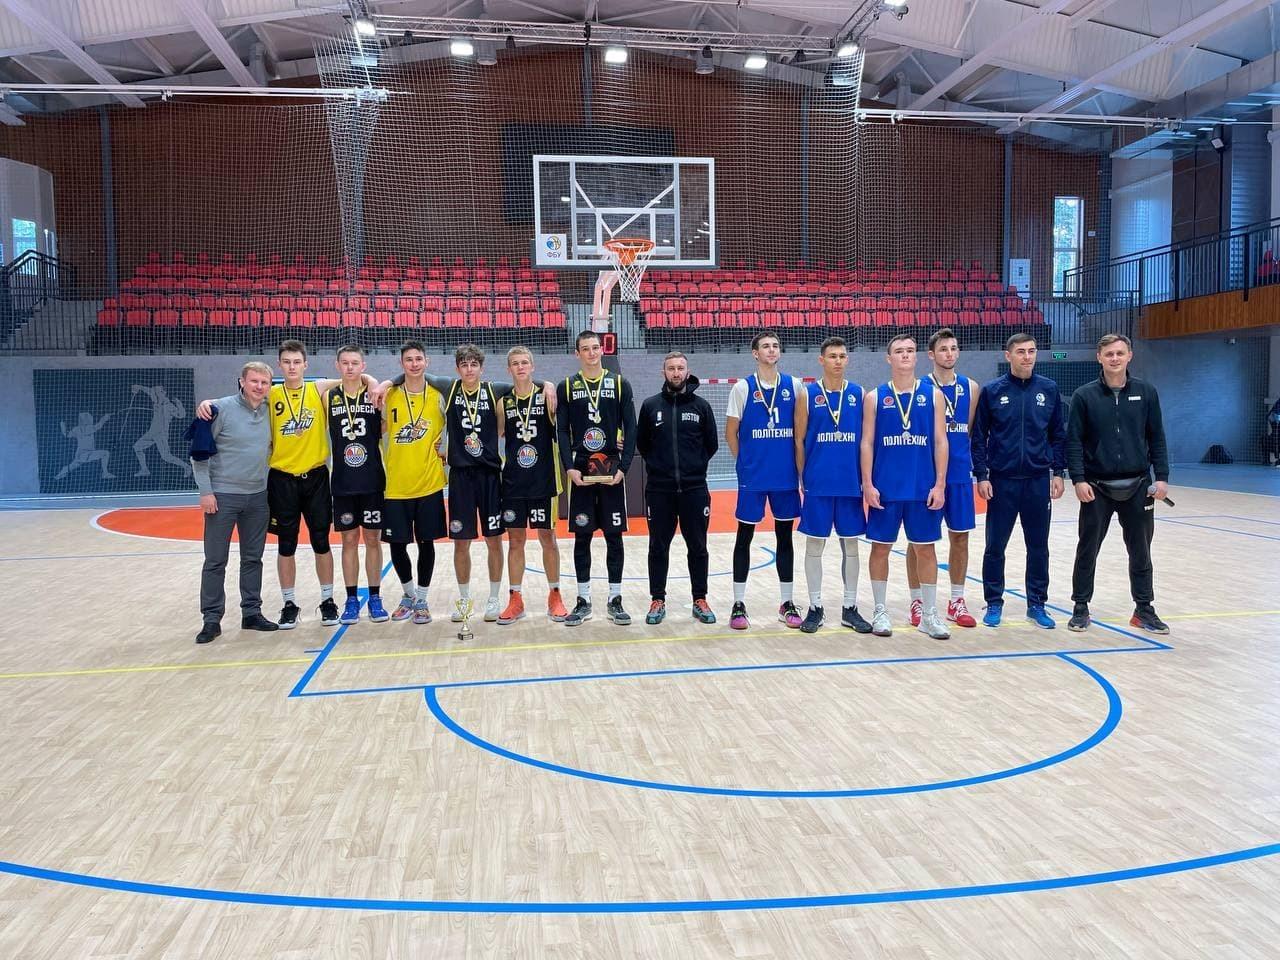 БІПА-Одеса – переможці першого туру чемпіонату України з баскетболу 3х3 серед юніорів U18